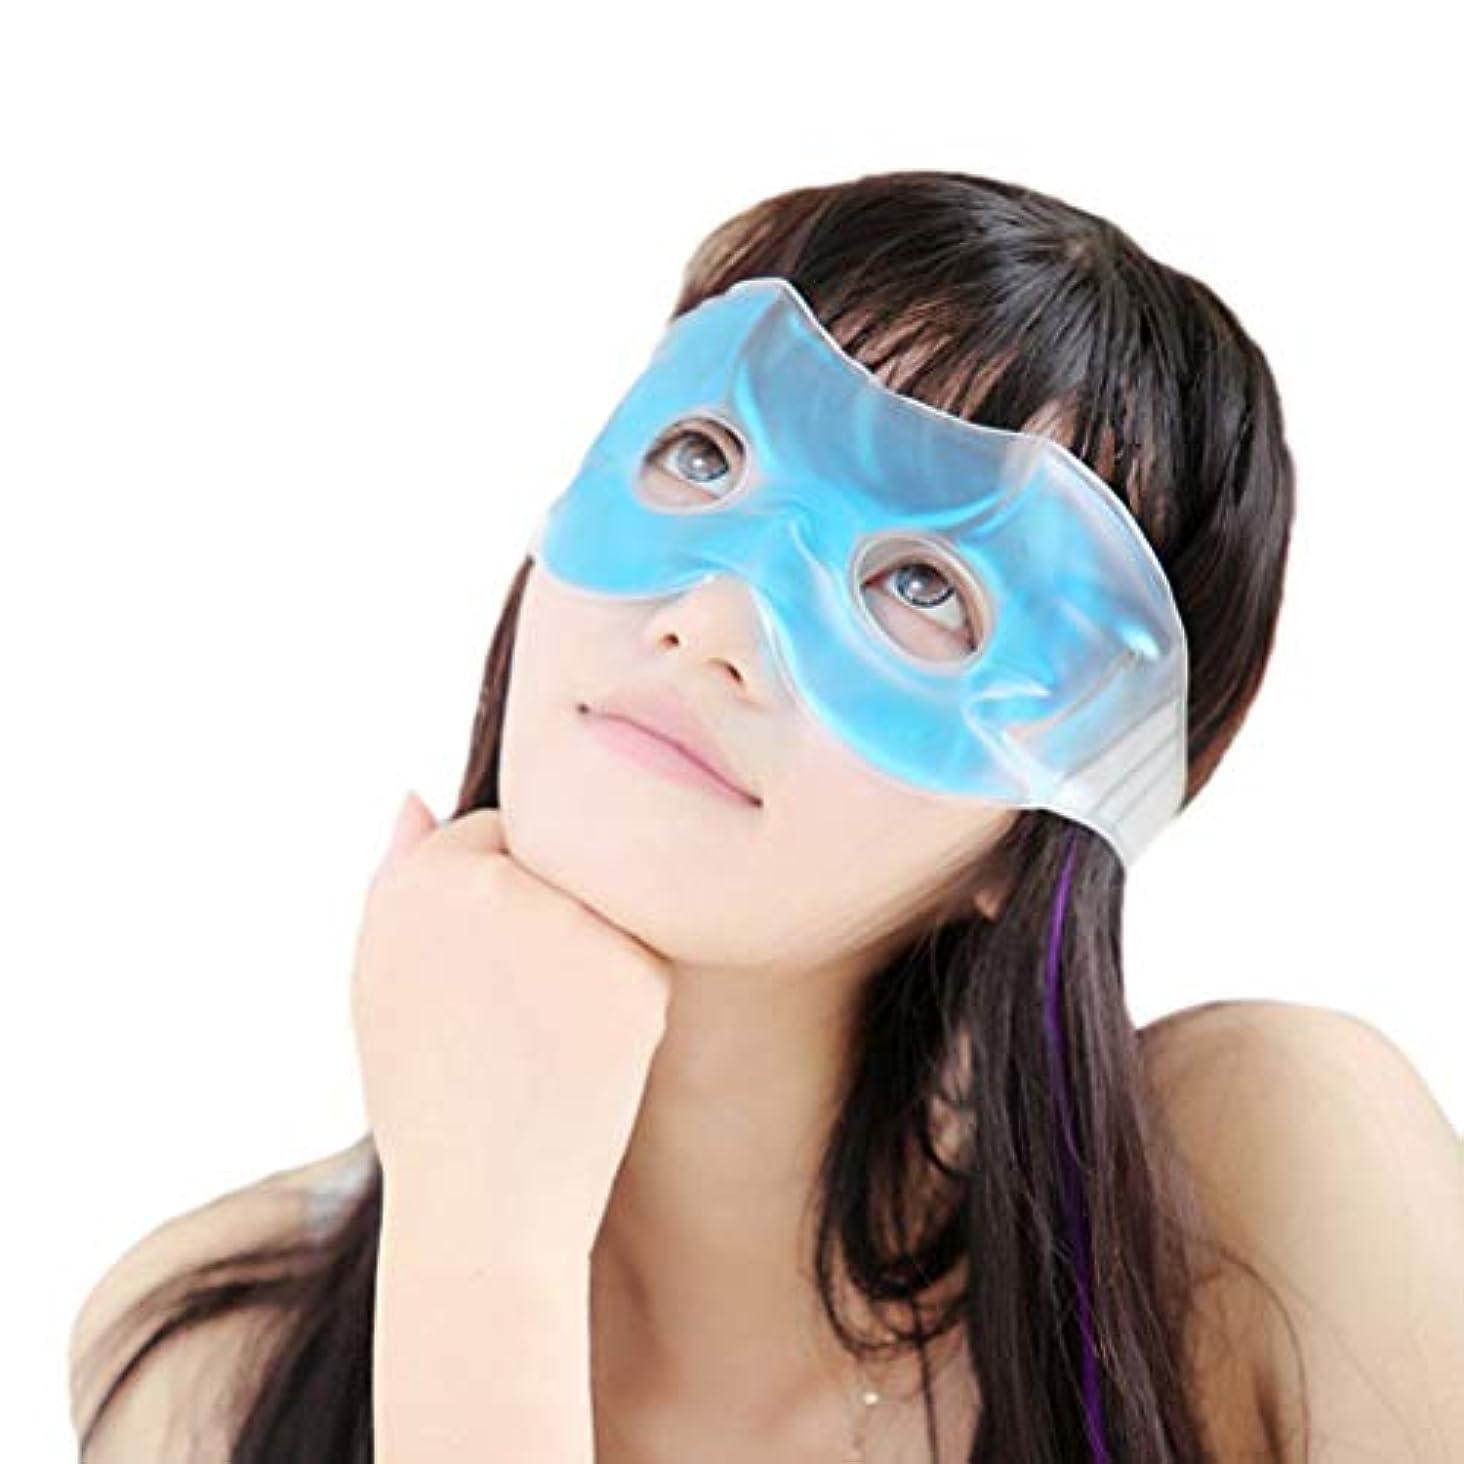 警戒薄めるブームHealifty アイマスク ゲル アイスパッド アイスアイマスク 目隠し リラックス 冷却 パック 再使用可能 目の疲れ軽減 安眠 血行促進